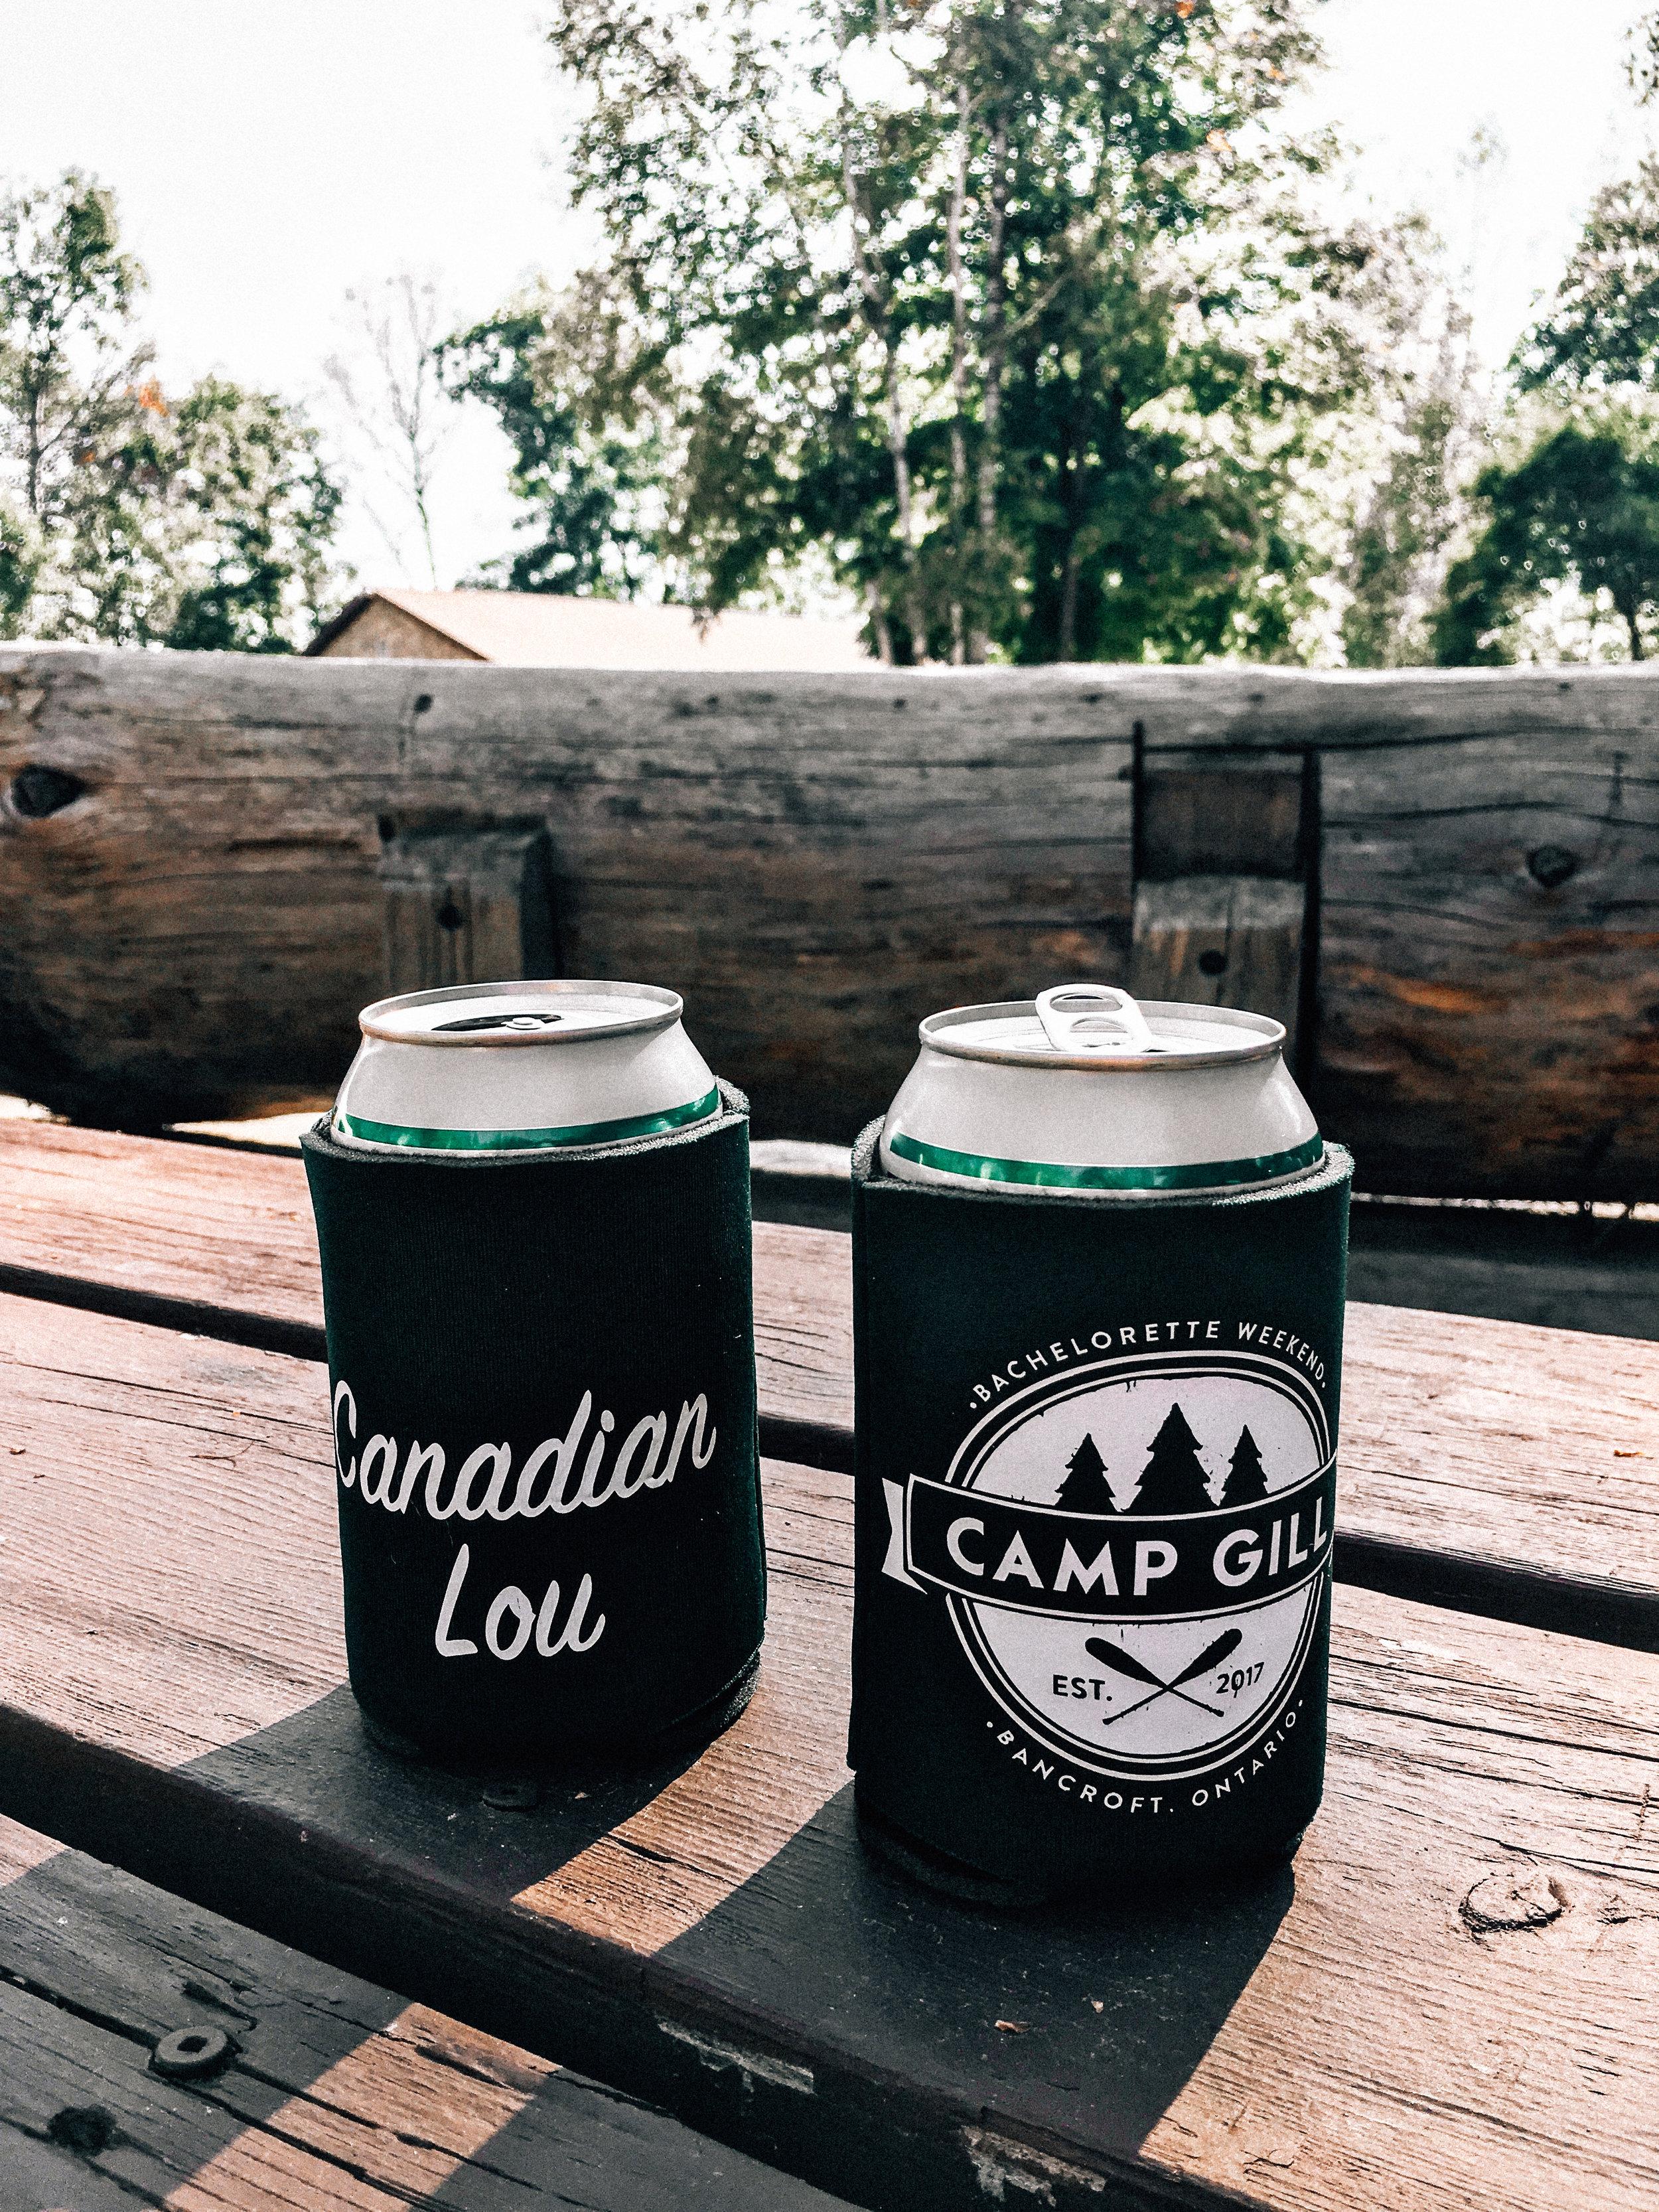 campgill1-2.jpg